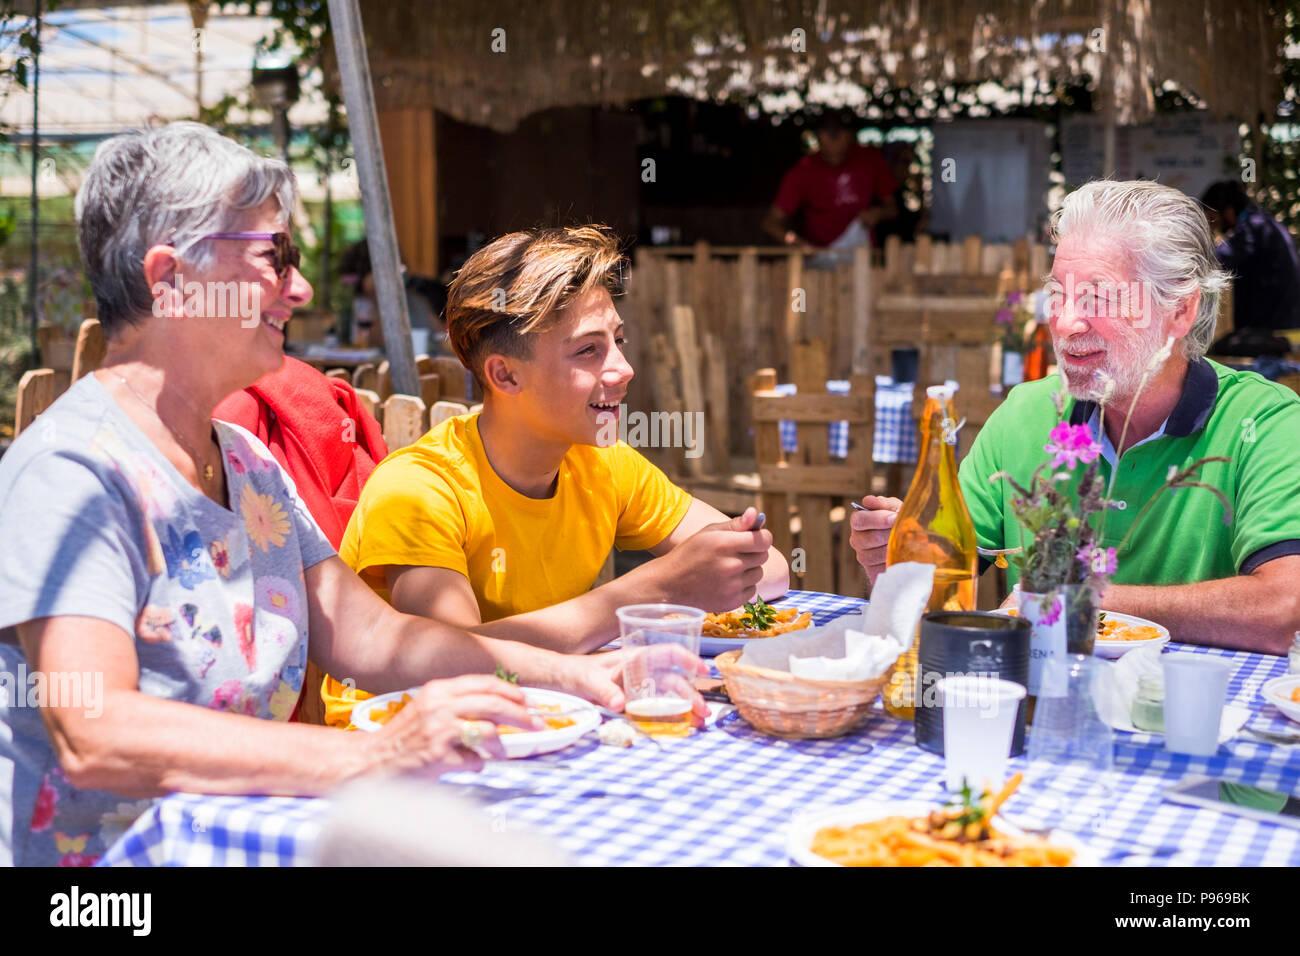 Les personnes de race blanche de la famille avec grand-mère grand-père petit-fils manger ensemble dans l'alternative naturelle place restaurant appréciant le repas et le vegeta Photo Stock